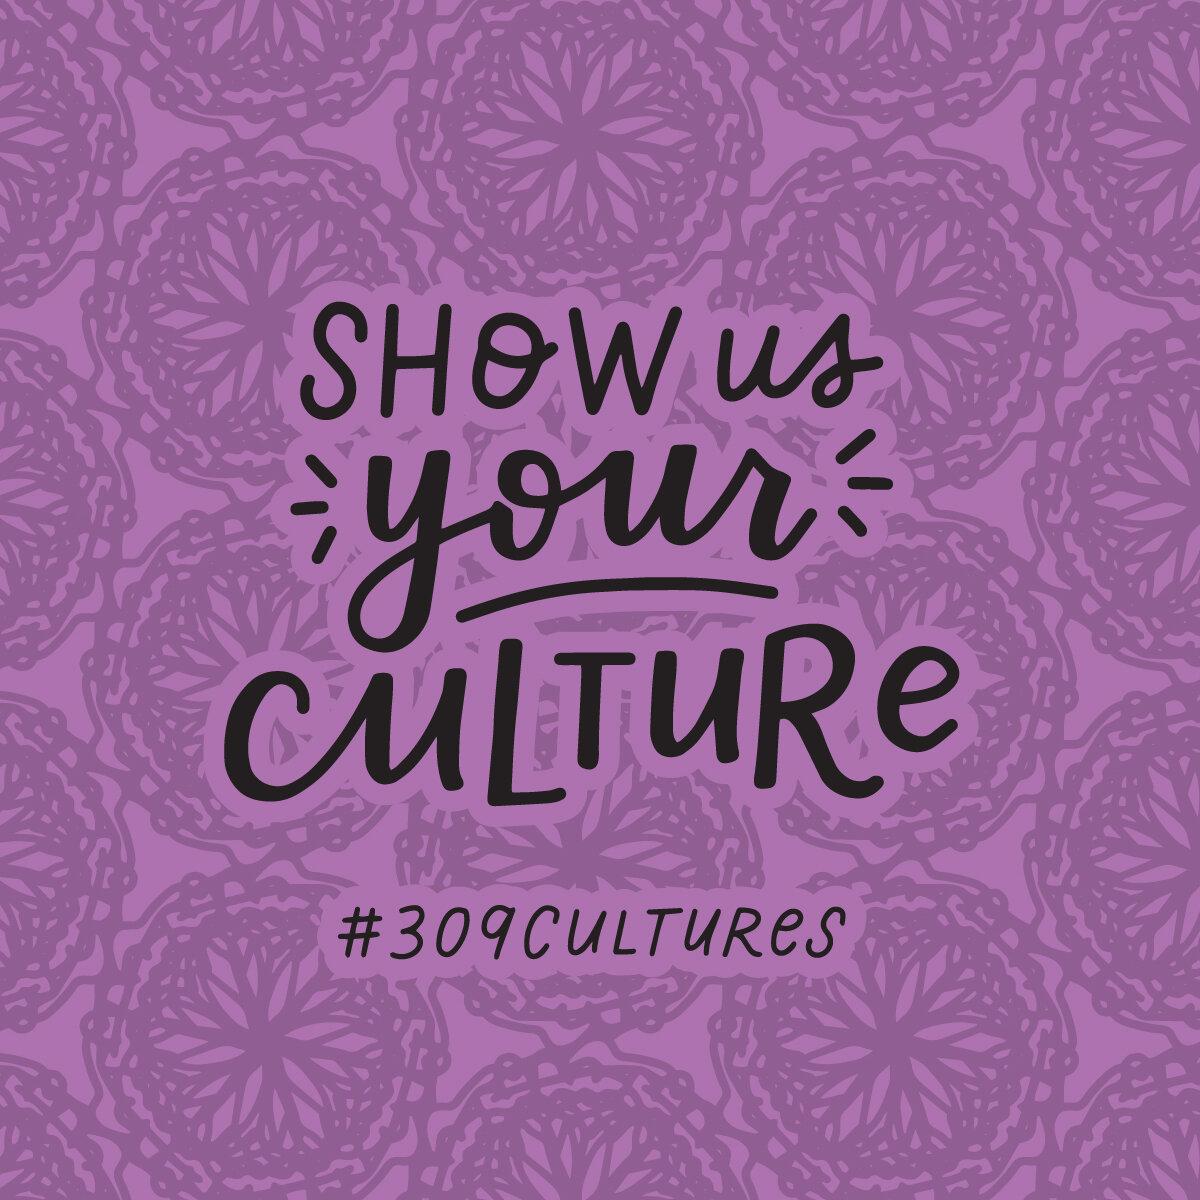 309Cultures-SocialMedia-3.jpg